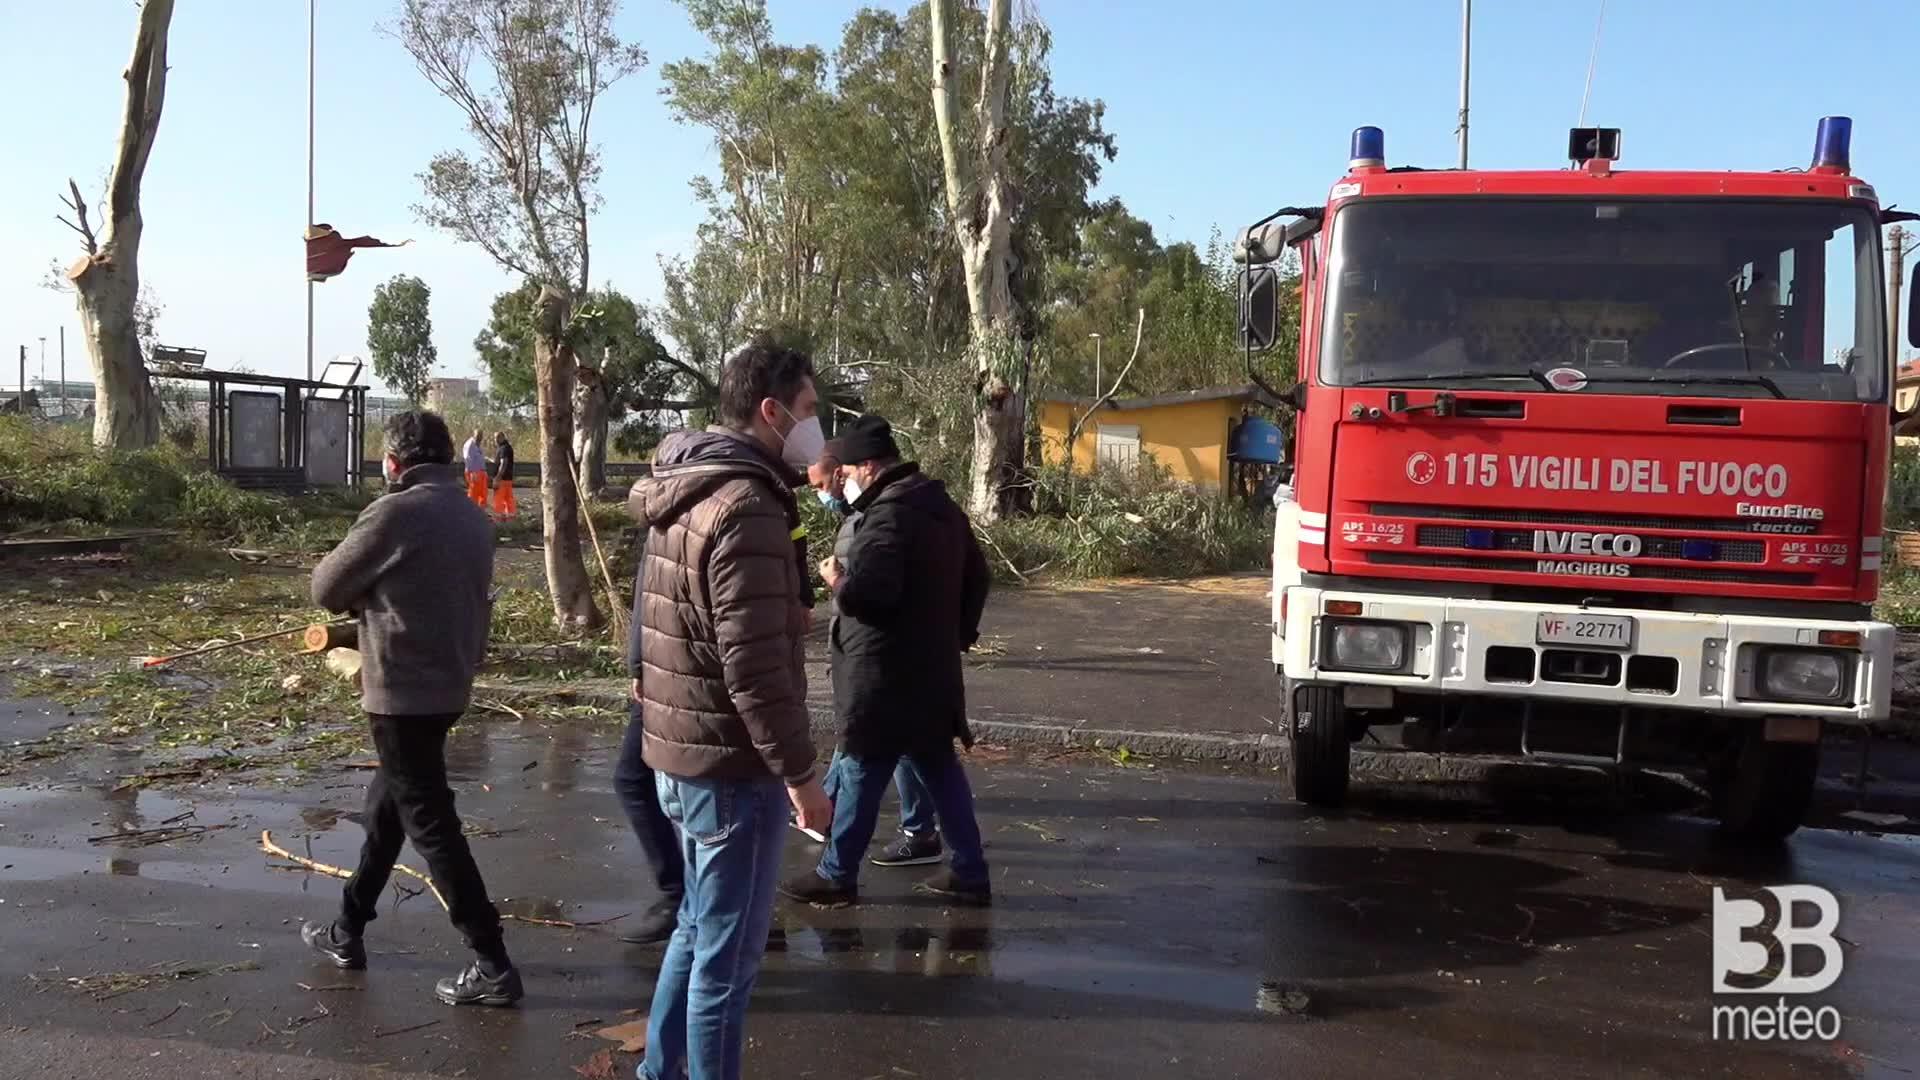 Tromba d'aria a Catania: rimozione dei detriti